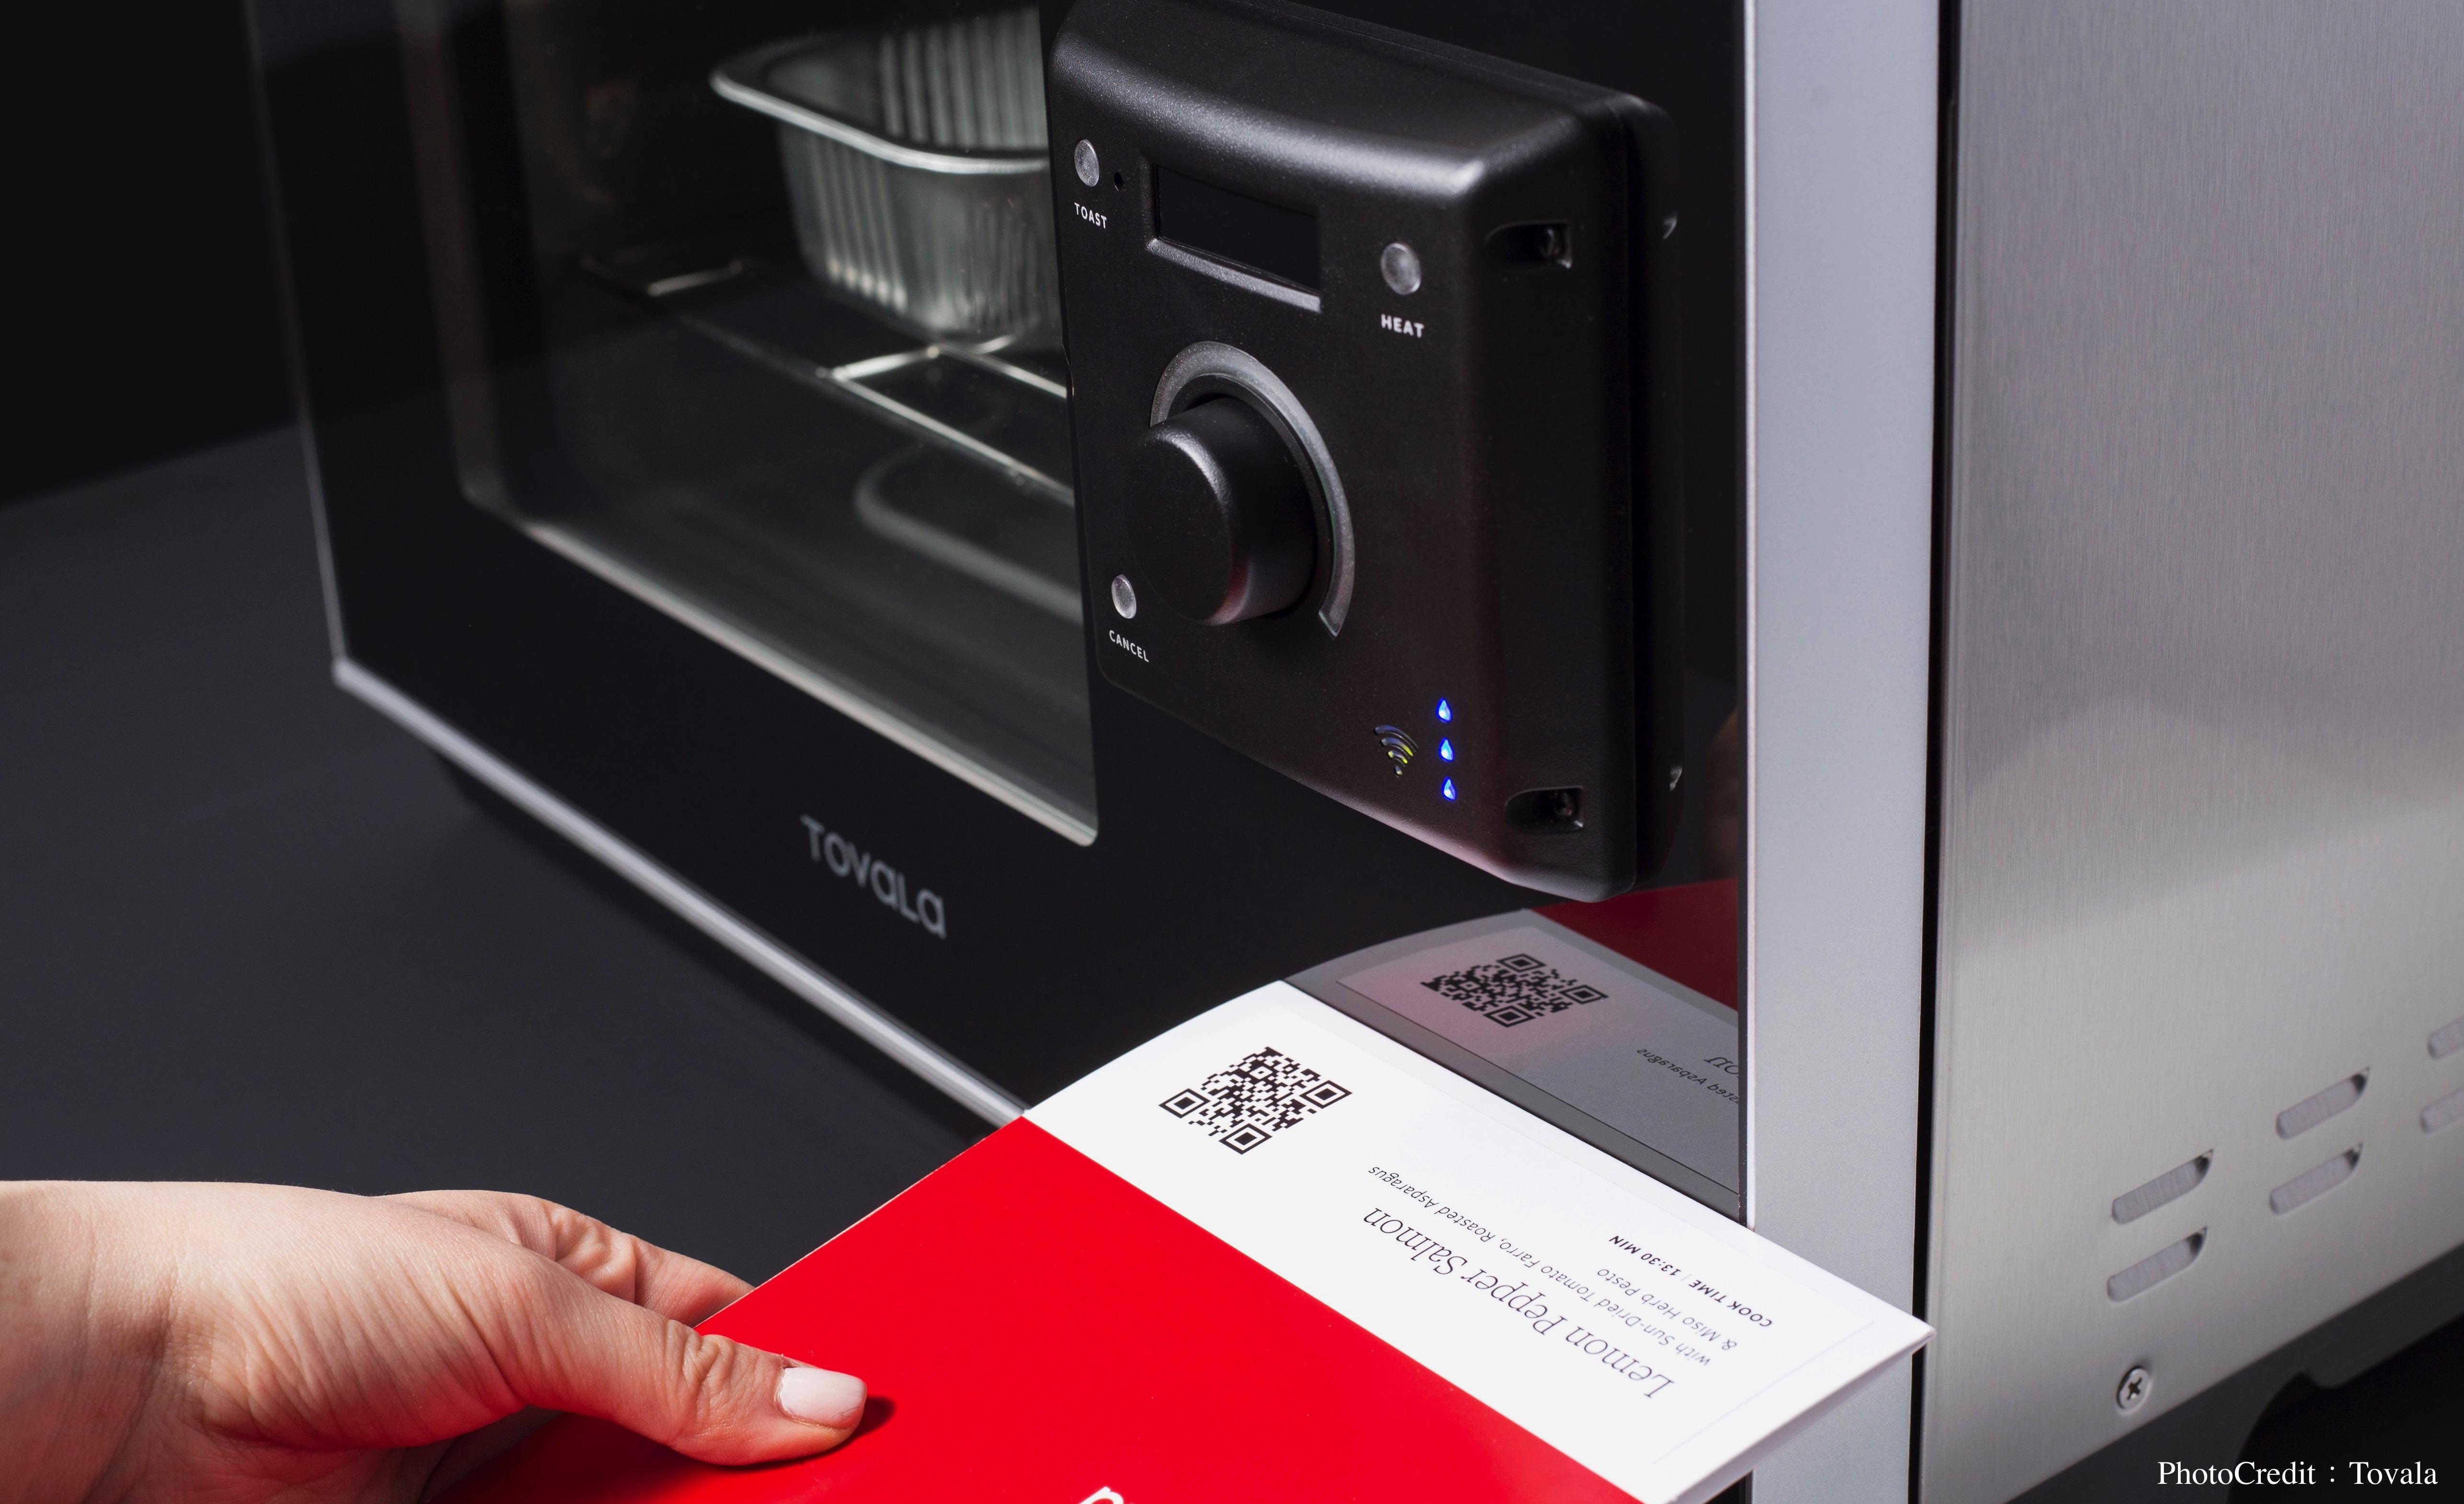 不用買菜洗菜切菜,靠「刷條碼」就能在家做出五星級飯店的美食!這家當紅的新創公司,要翻轉每個家庭的廚房